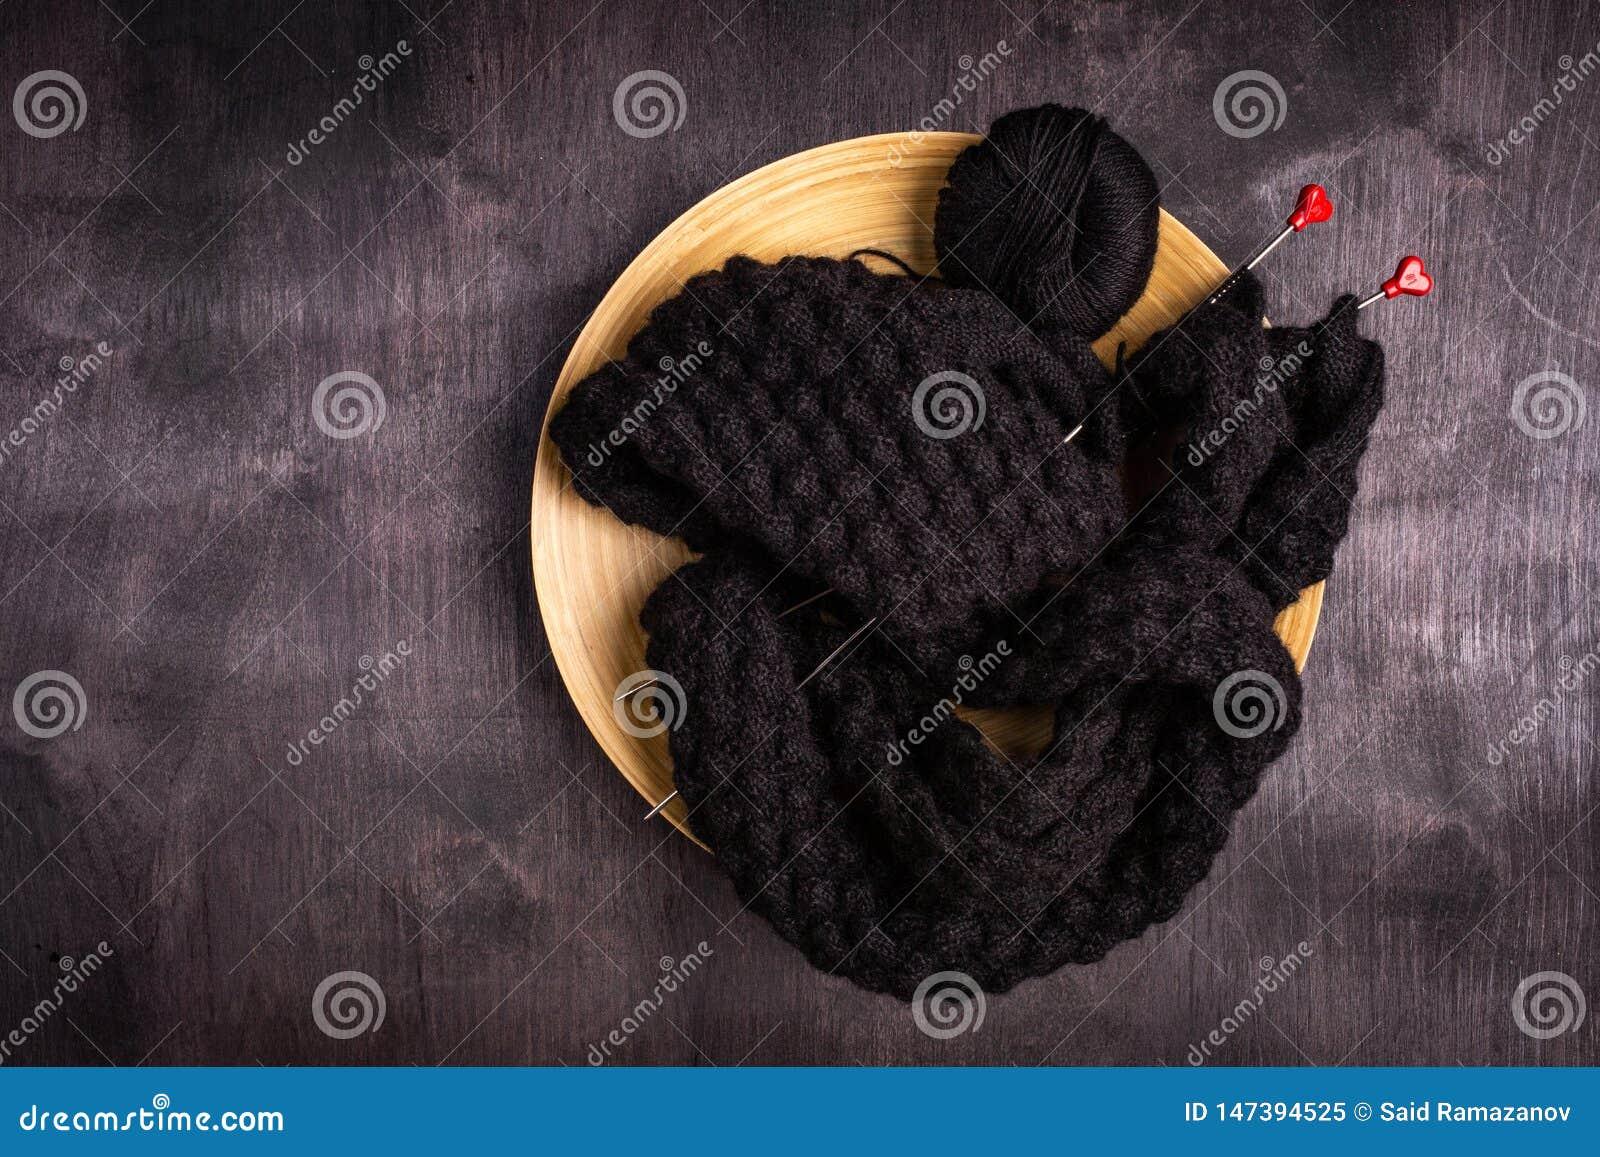 Sticka av svarta trådar i en platta på en svart och en grå träbakgrund